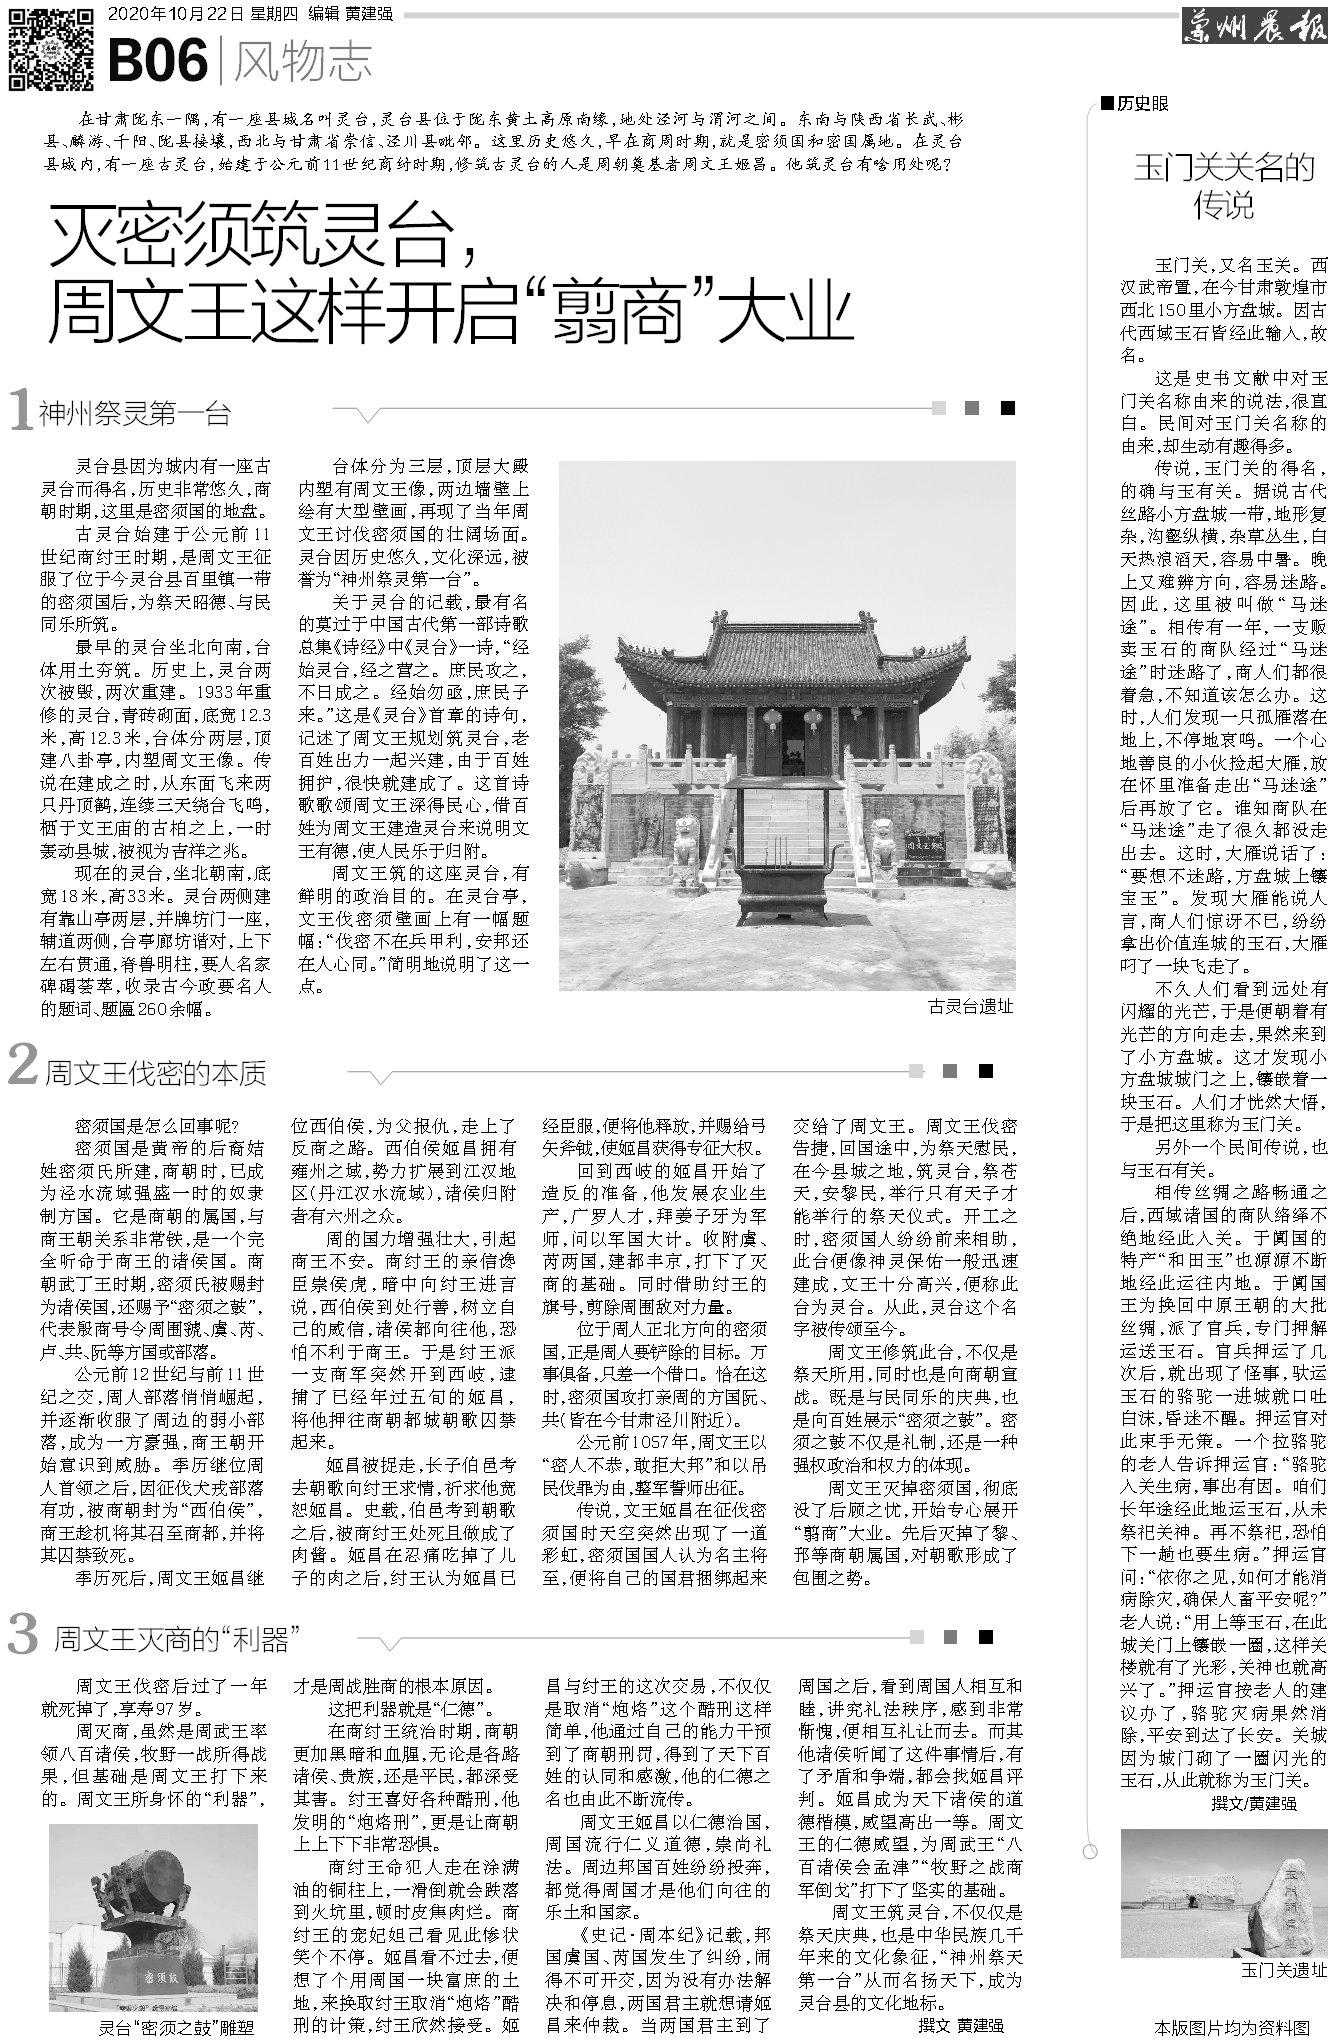 """风物志丨灭密须筑灵台, 周文王这样开启""""翦商""""大业"""